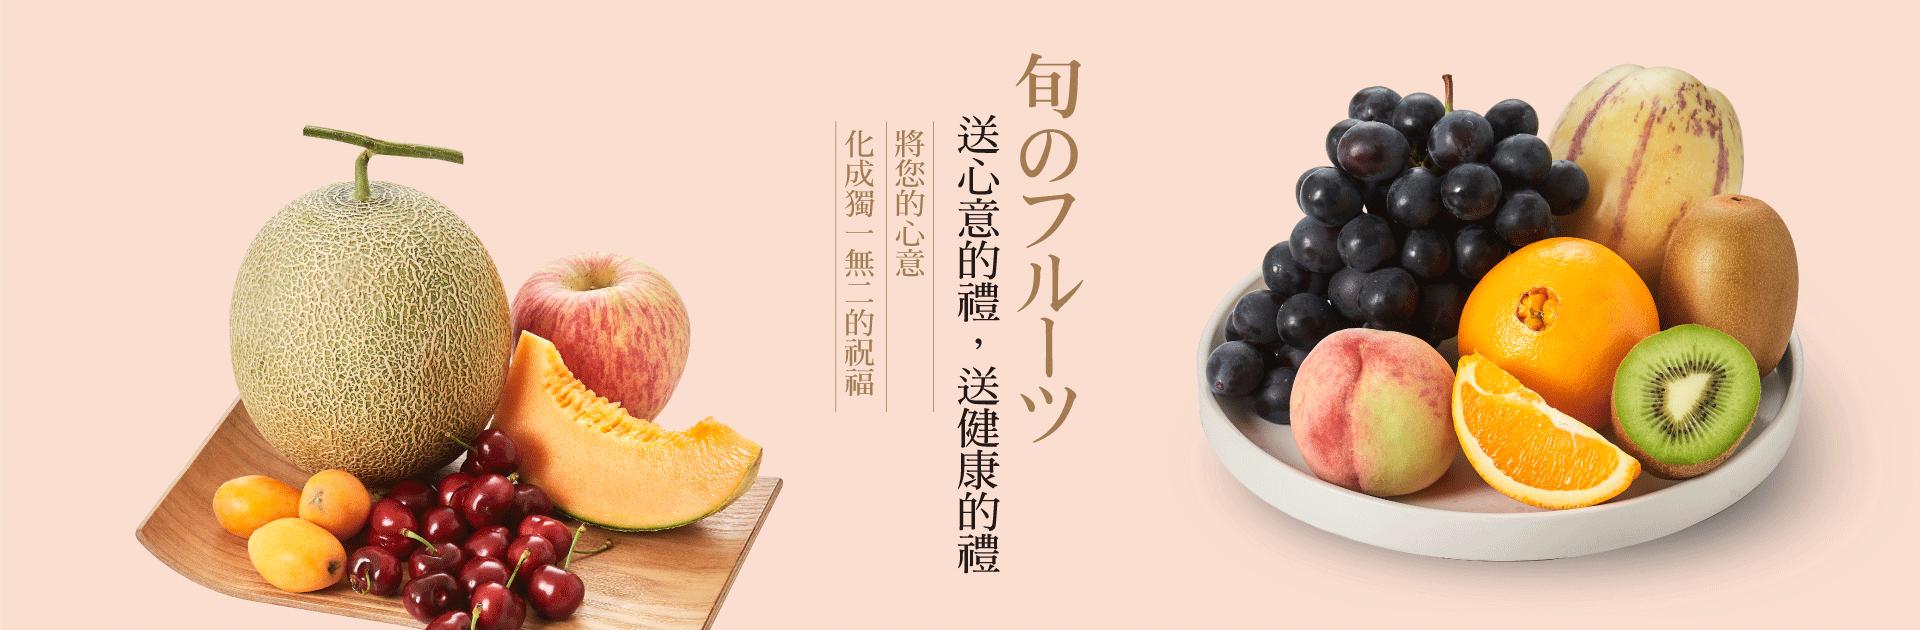 游游農產,水果禮盒,高雄水果禮盒,精緻水果,高級水果,年節禮盒